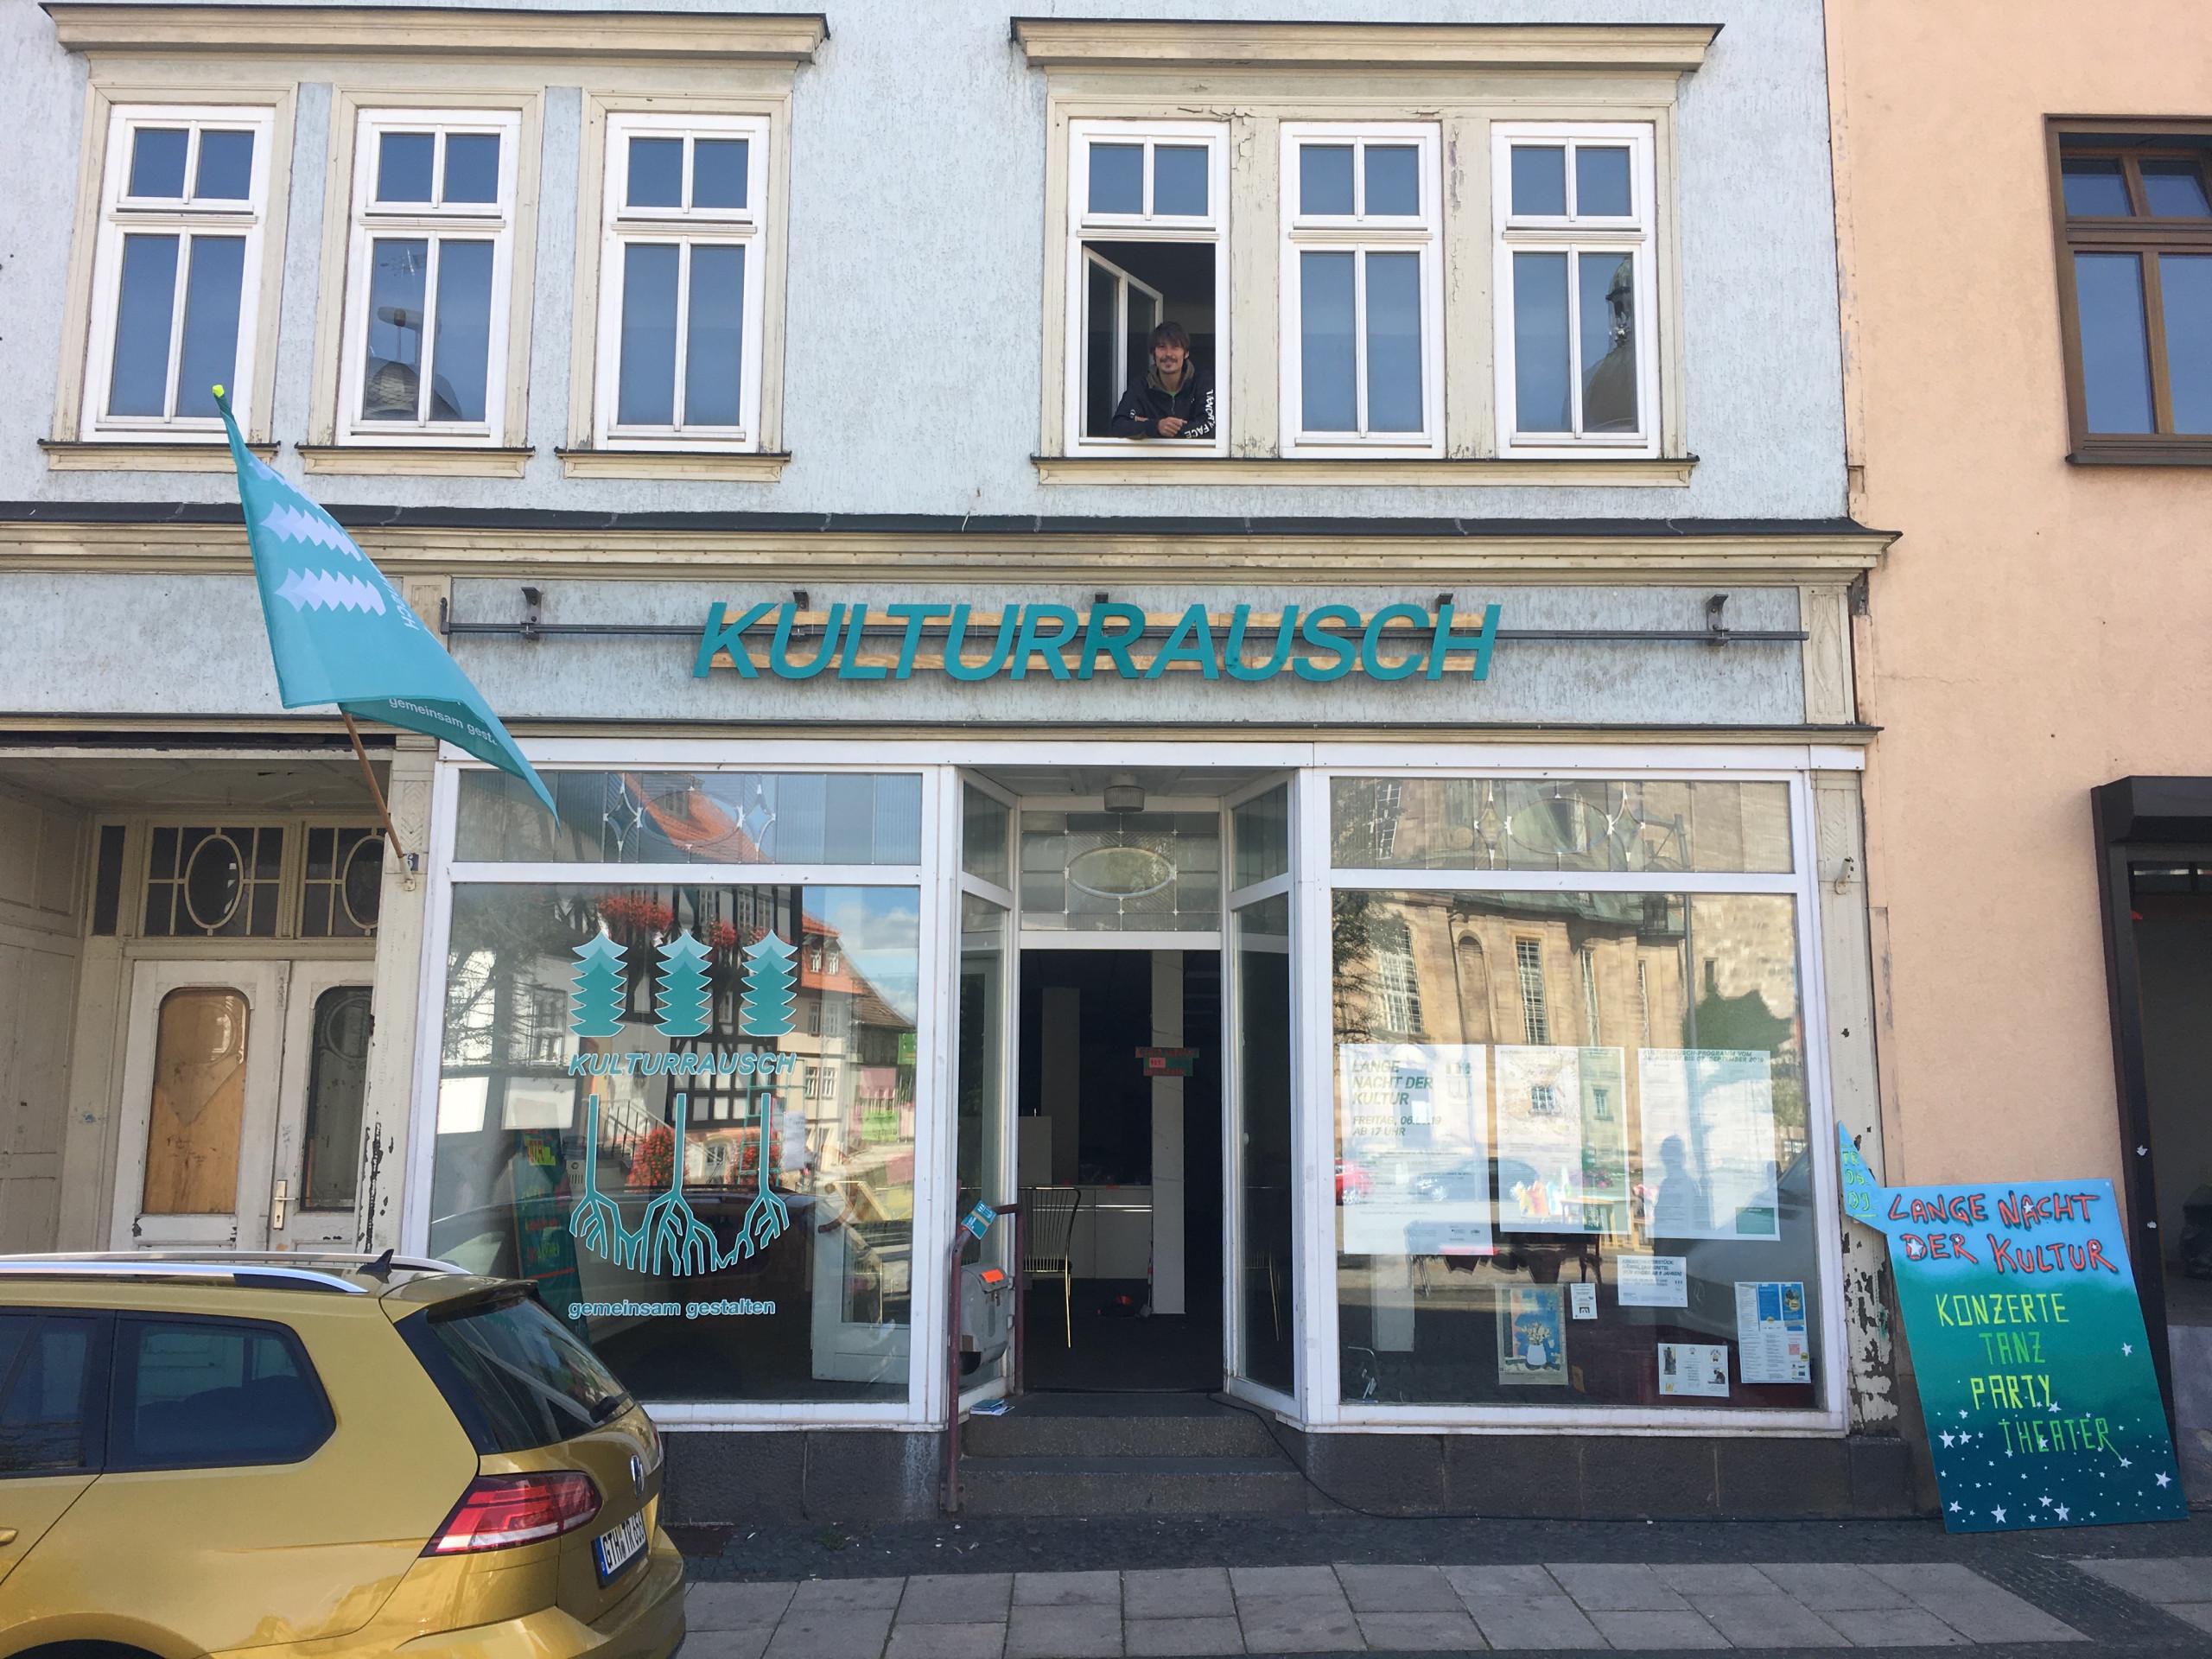 Gemeinsam Gestalten - Kulturrausch Waltershausen